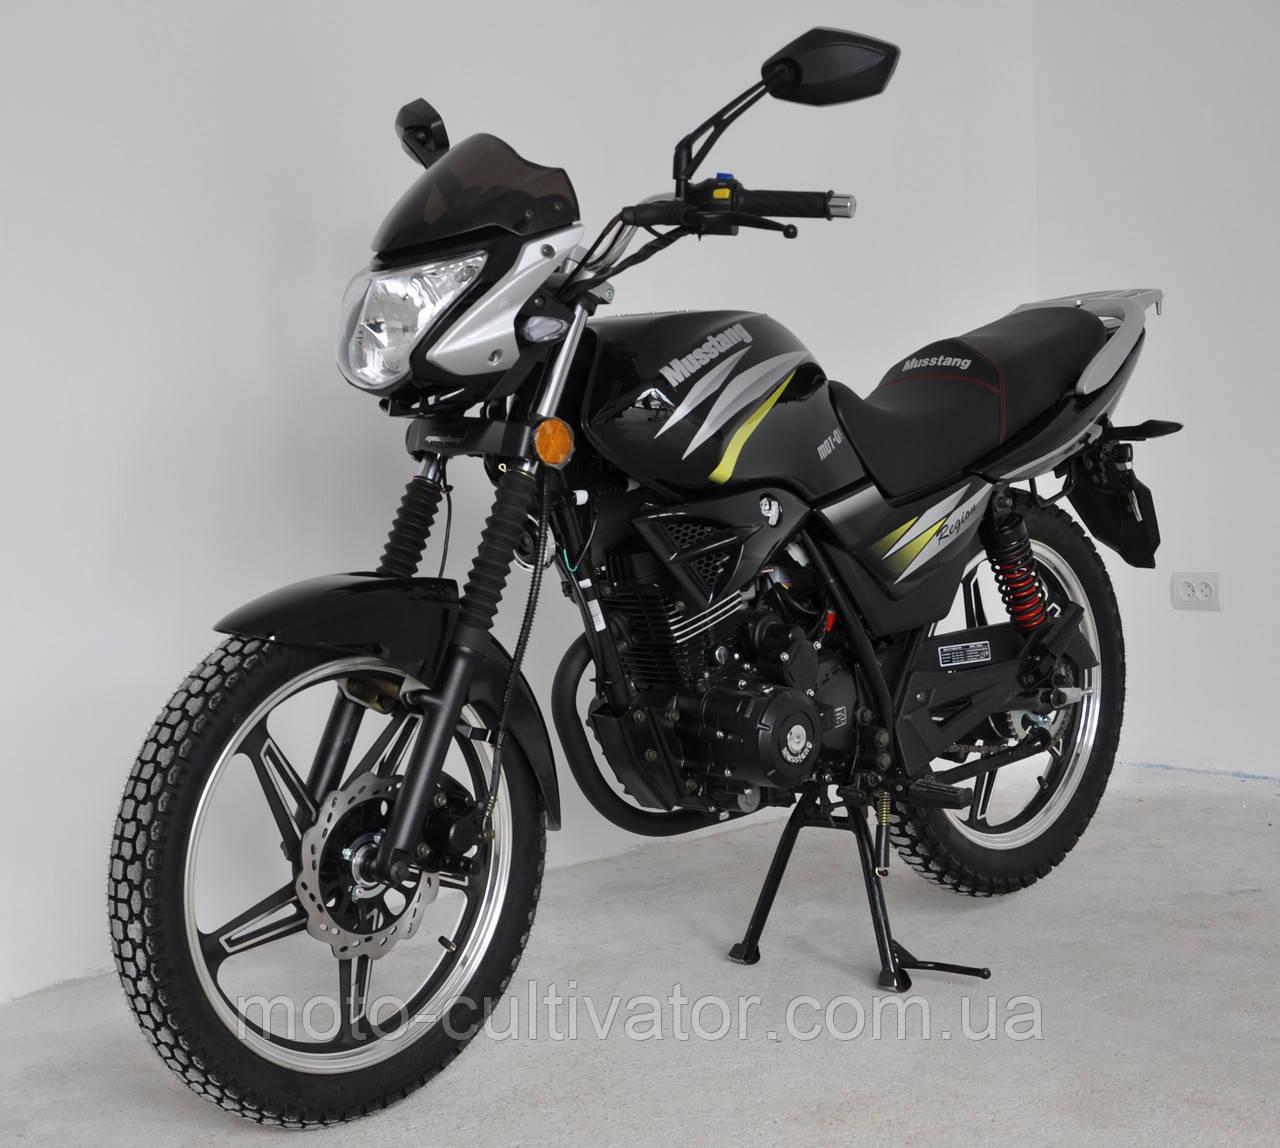 Мотоцикл Мустанг Регион 150 куб.